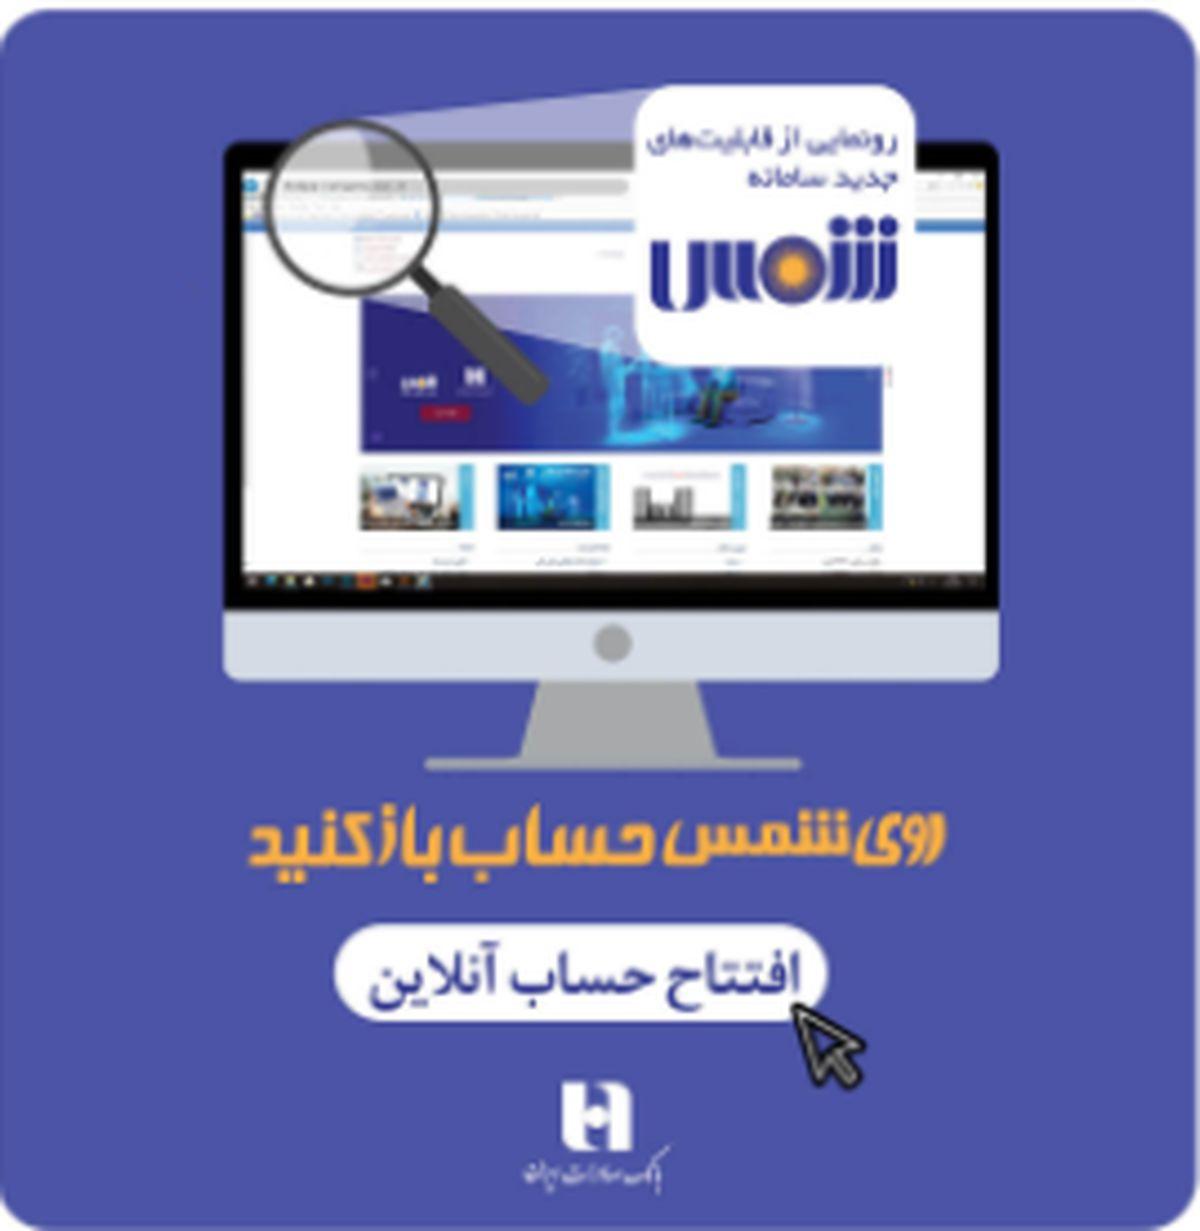 آنلاین در بانک صادرات ایران حساب باز کنید